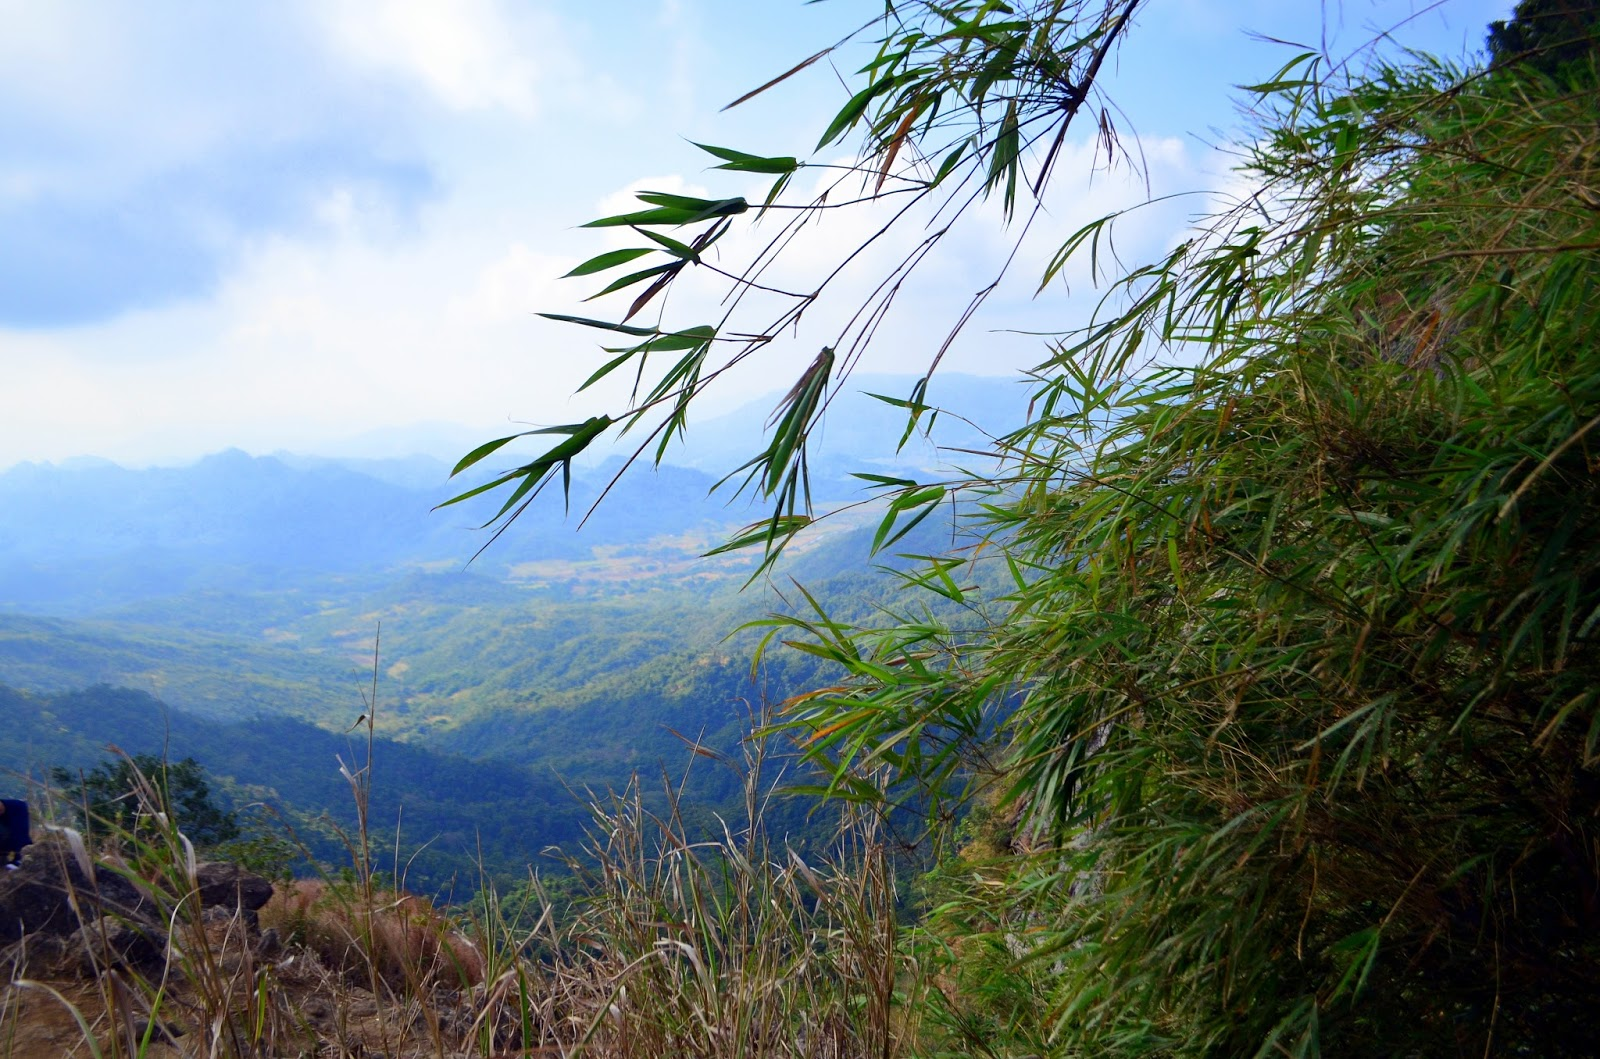 view from campsite pico de loro